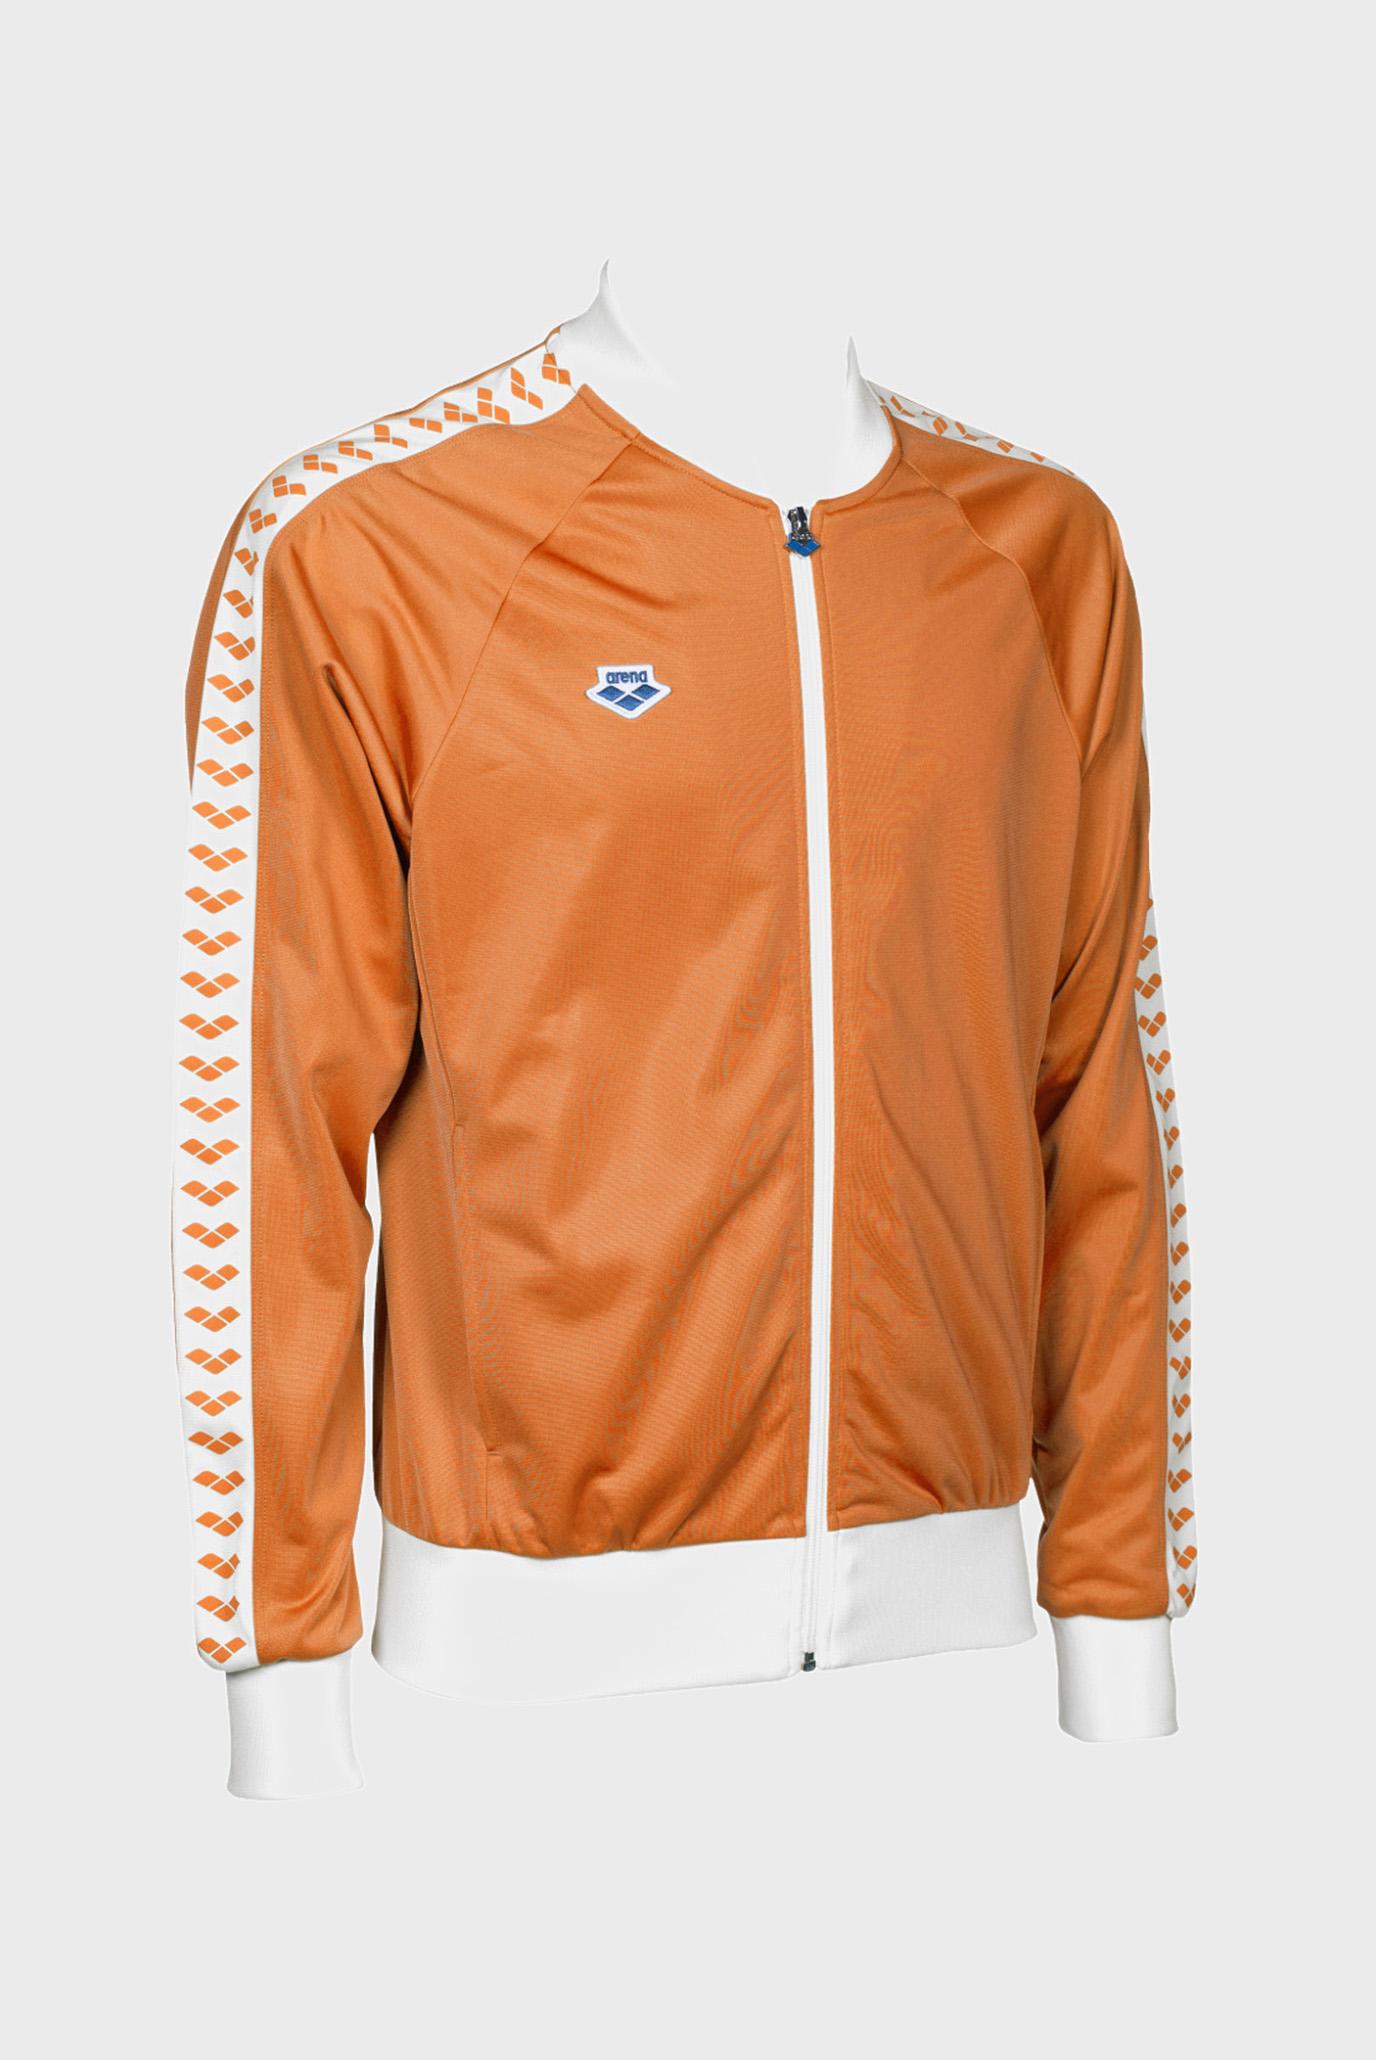 Купить Мужская оранжевая спортивная кофта RELAX IV TEAM Arena Arena 001229-341 – Киев, Украина. Цены в интернет магазине MD Fashion